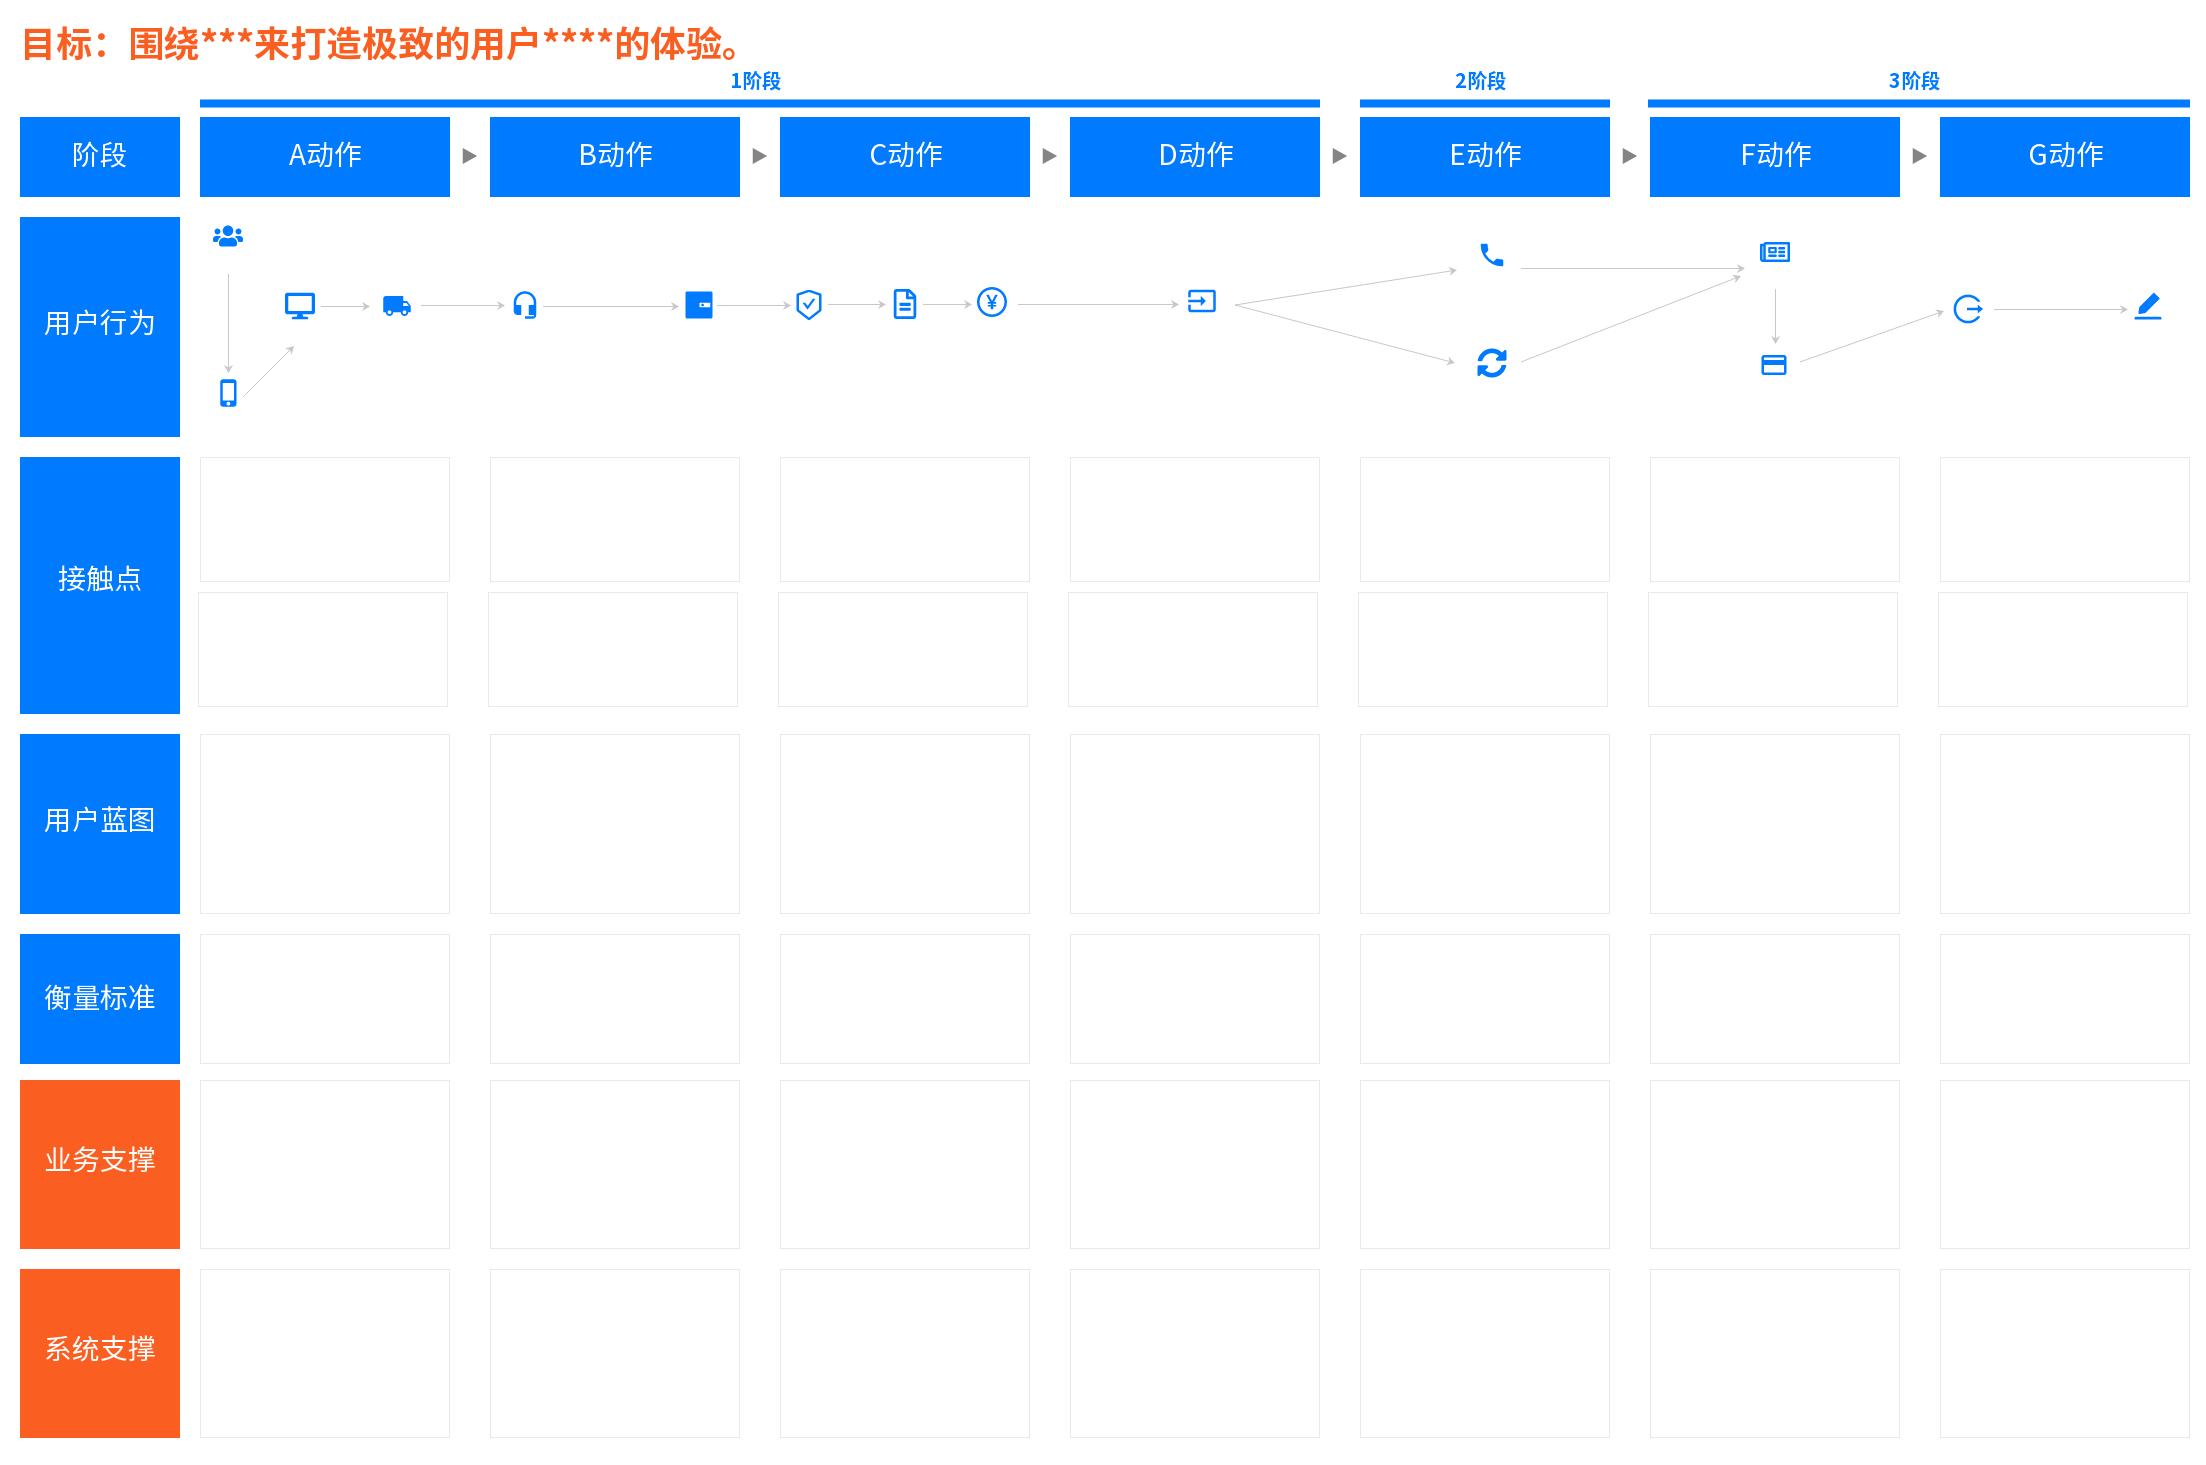 产品规划蓝图:Roadmap长什么样子?  第2张